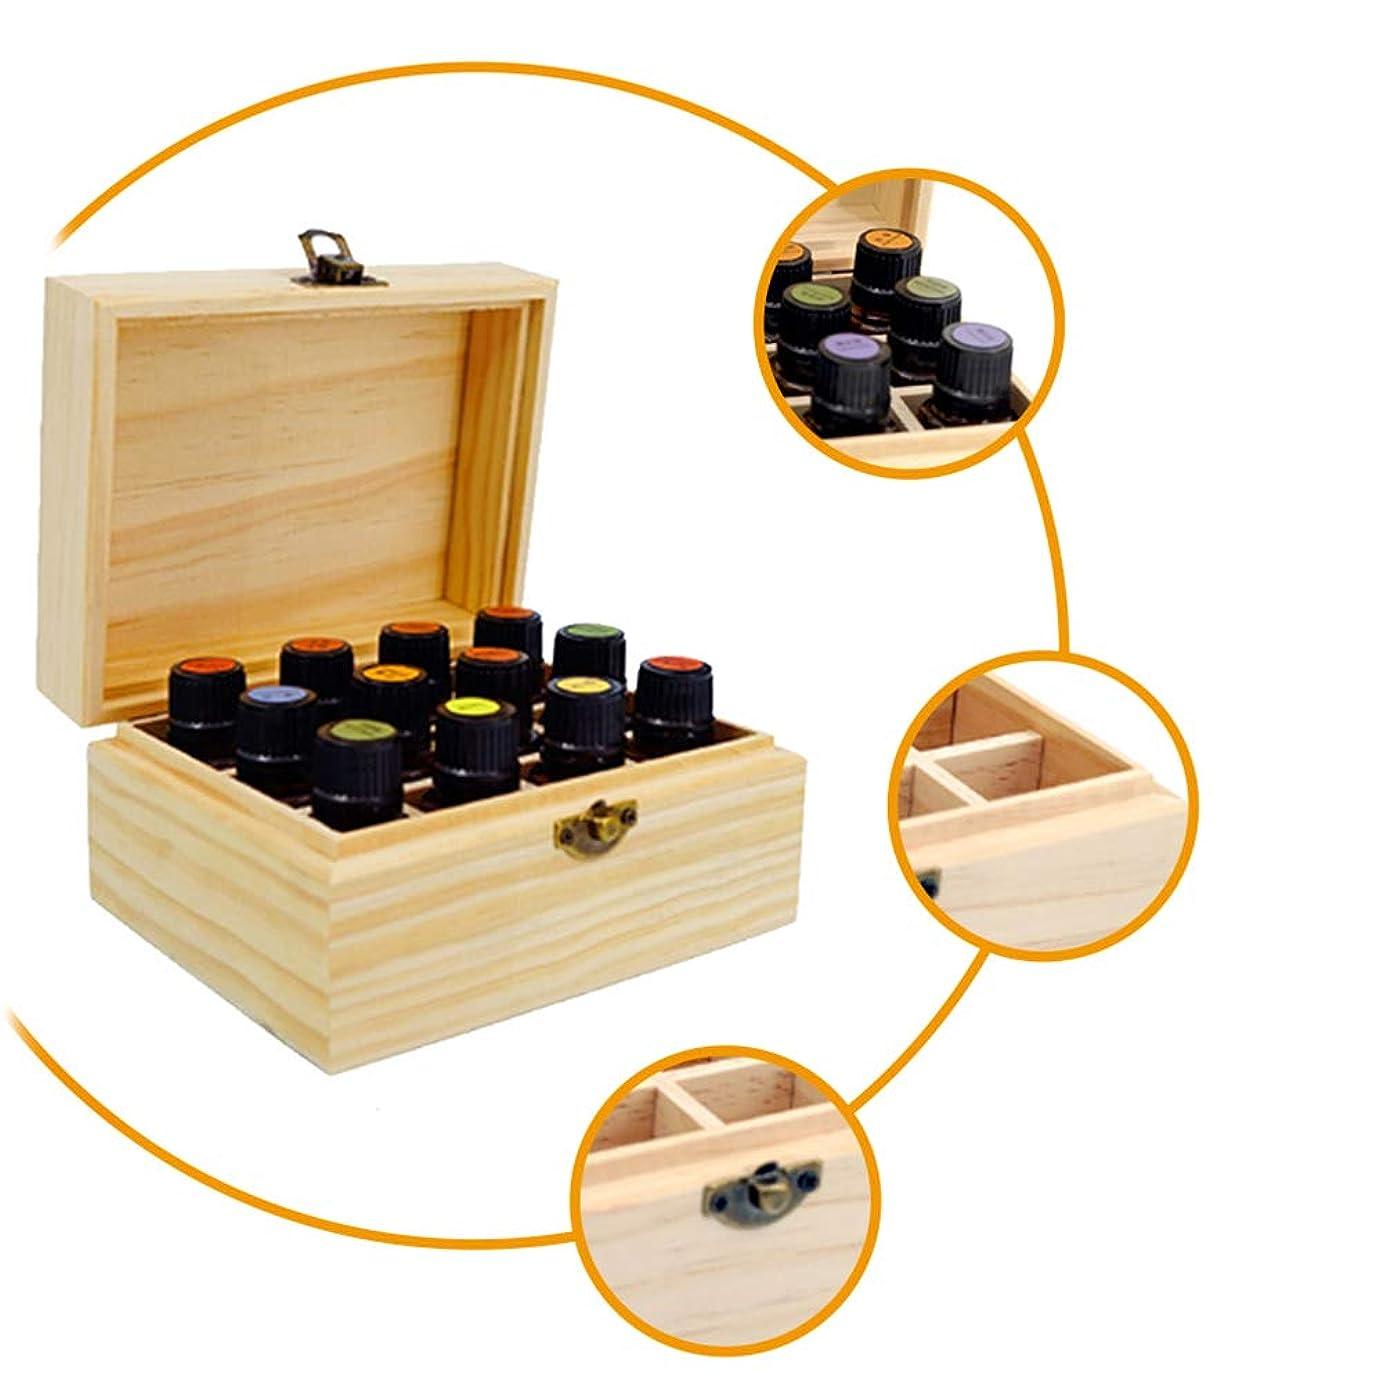 哲学博士甥寝てるJIOLK エッセンシャルオイル 収納ボックス 12本用 木製 香水収納ケース 大容量 精油収納 携帯便利 オイルボックス おしゃれ 精油ケース